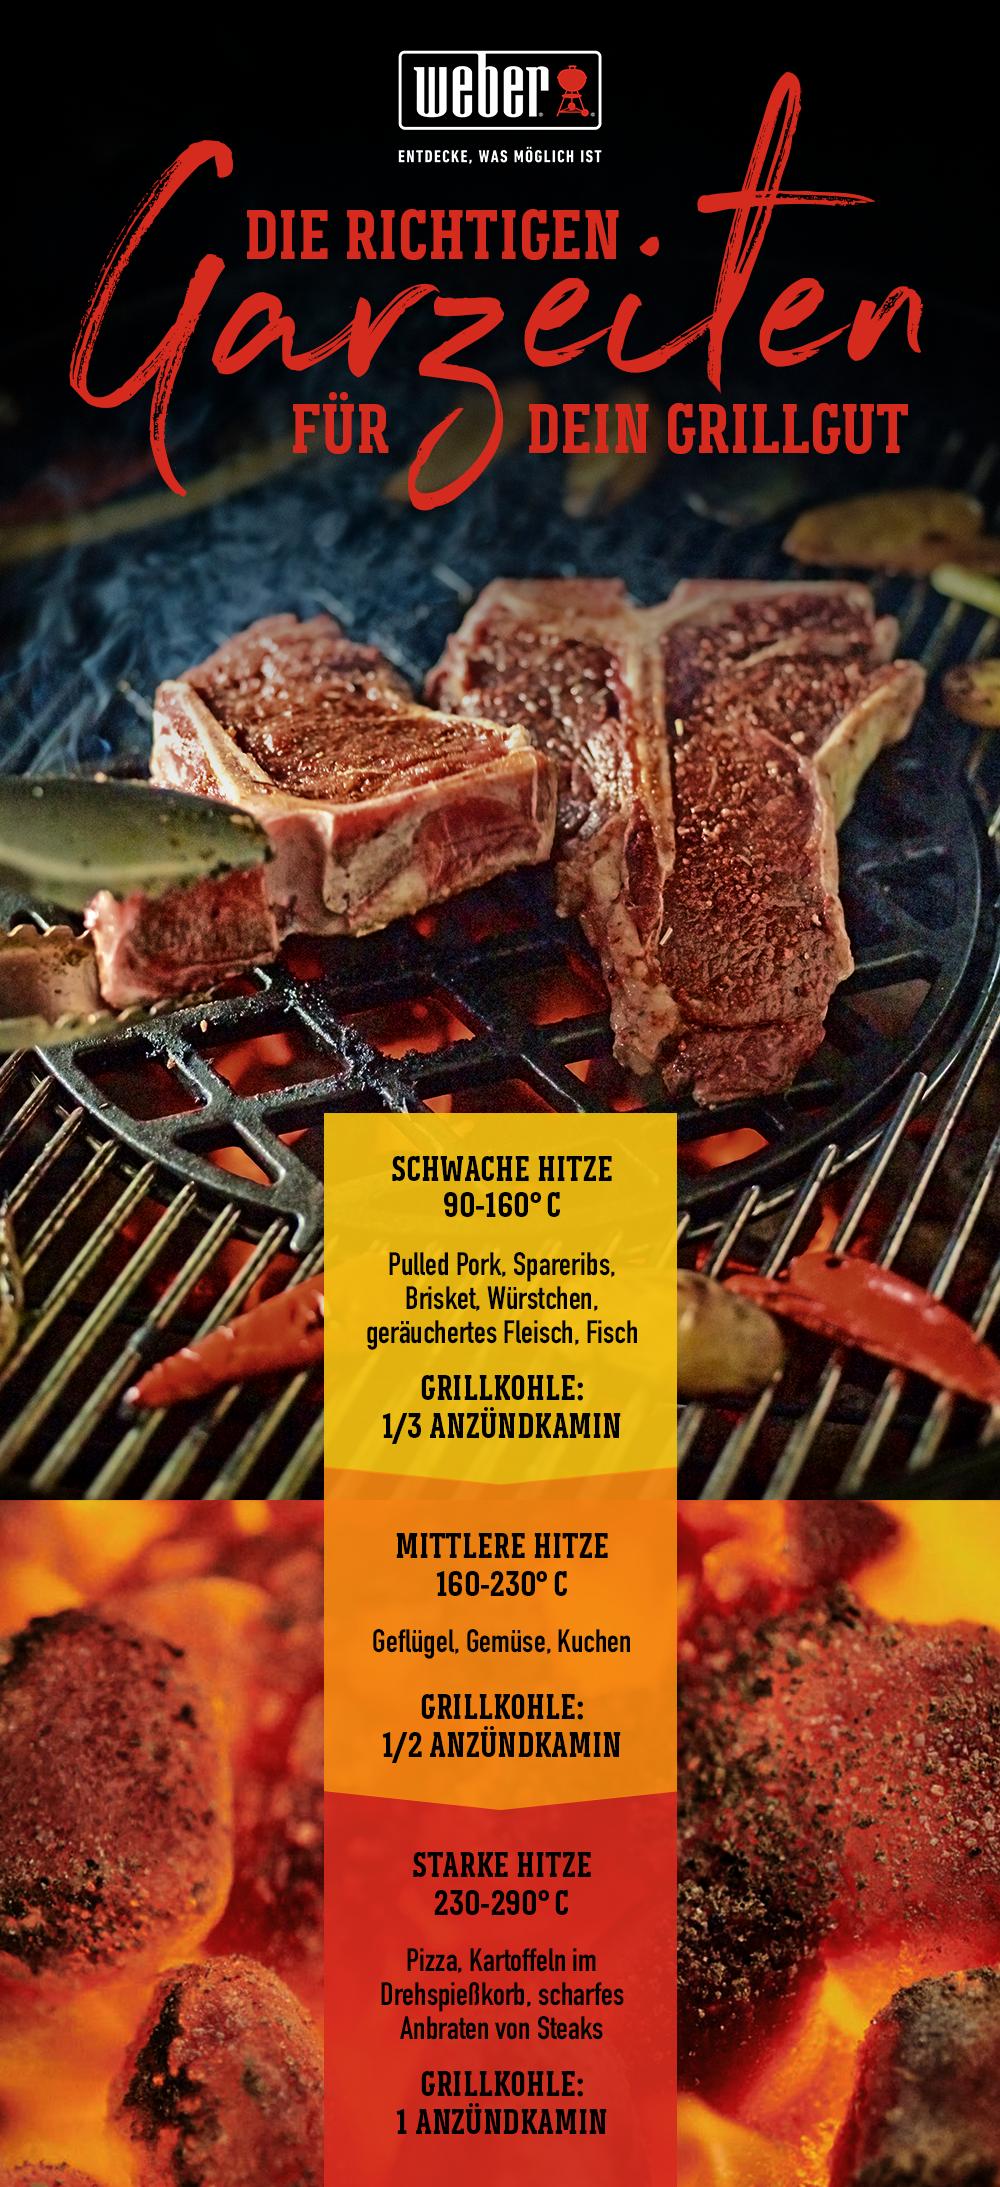 Die Richtigen Garzeiten Für Dein Grillgut In 2020 Grillen Rezepte Das Perfekte Steak Grillen Grillen